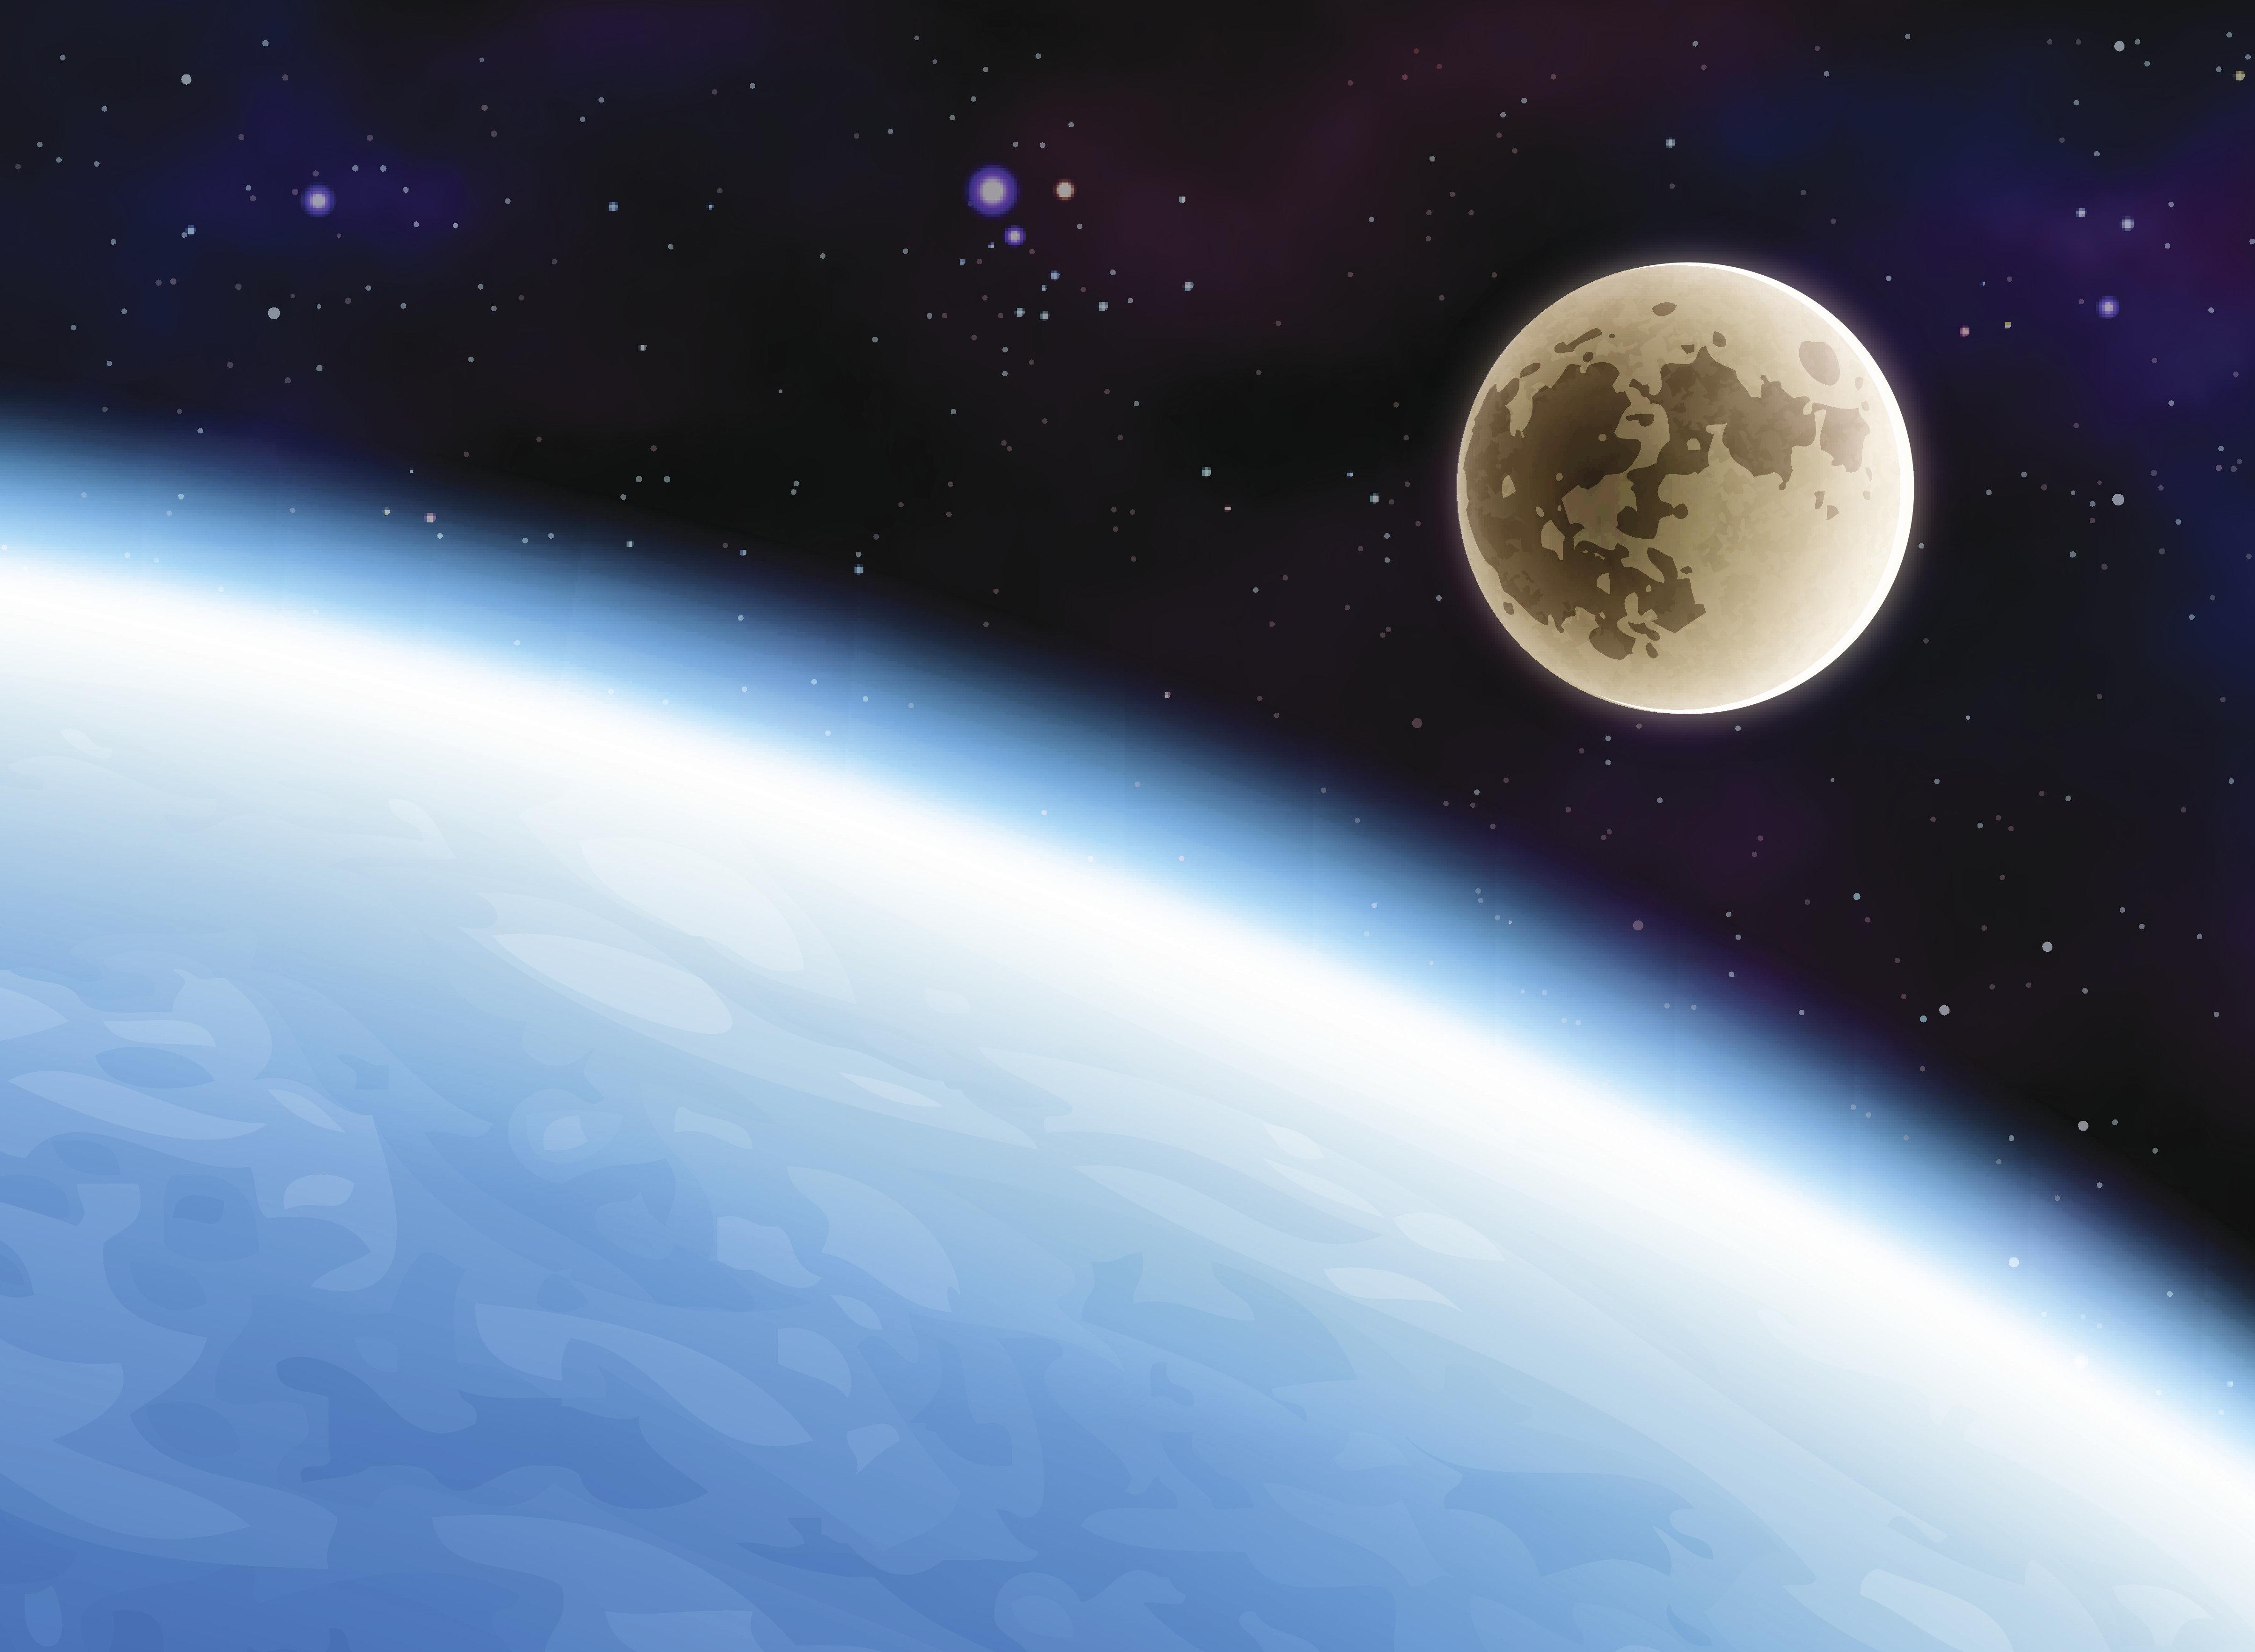 1억년 후 지구를 방문한 외계인의